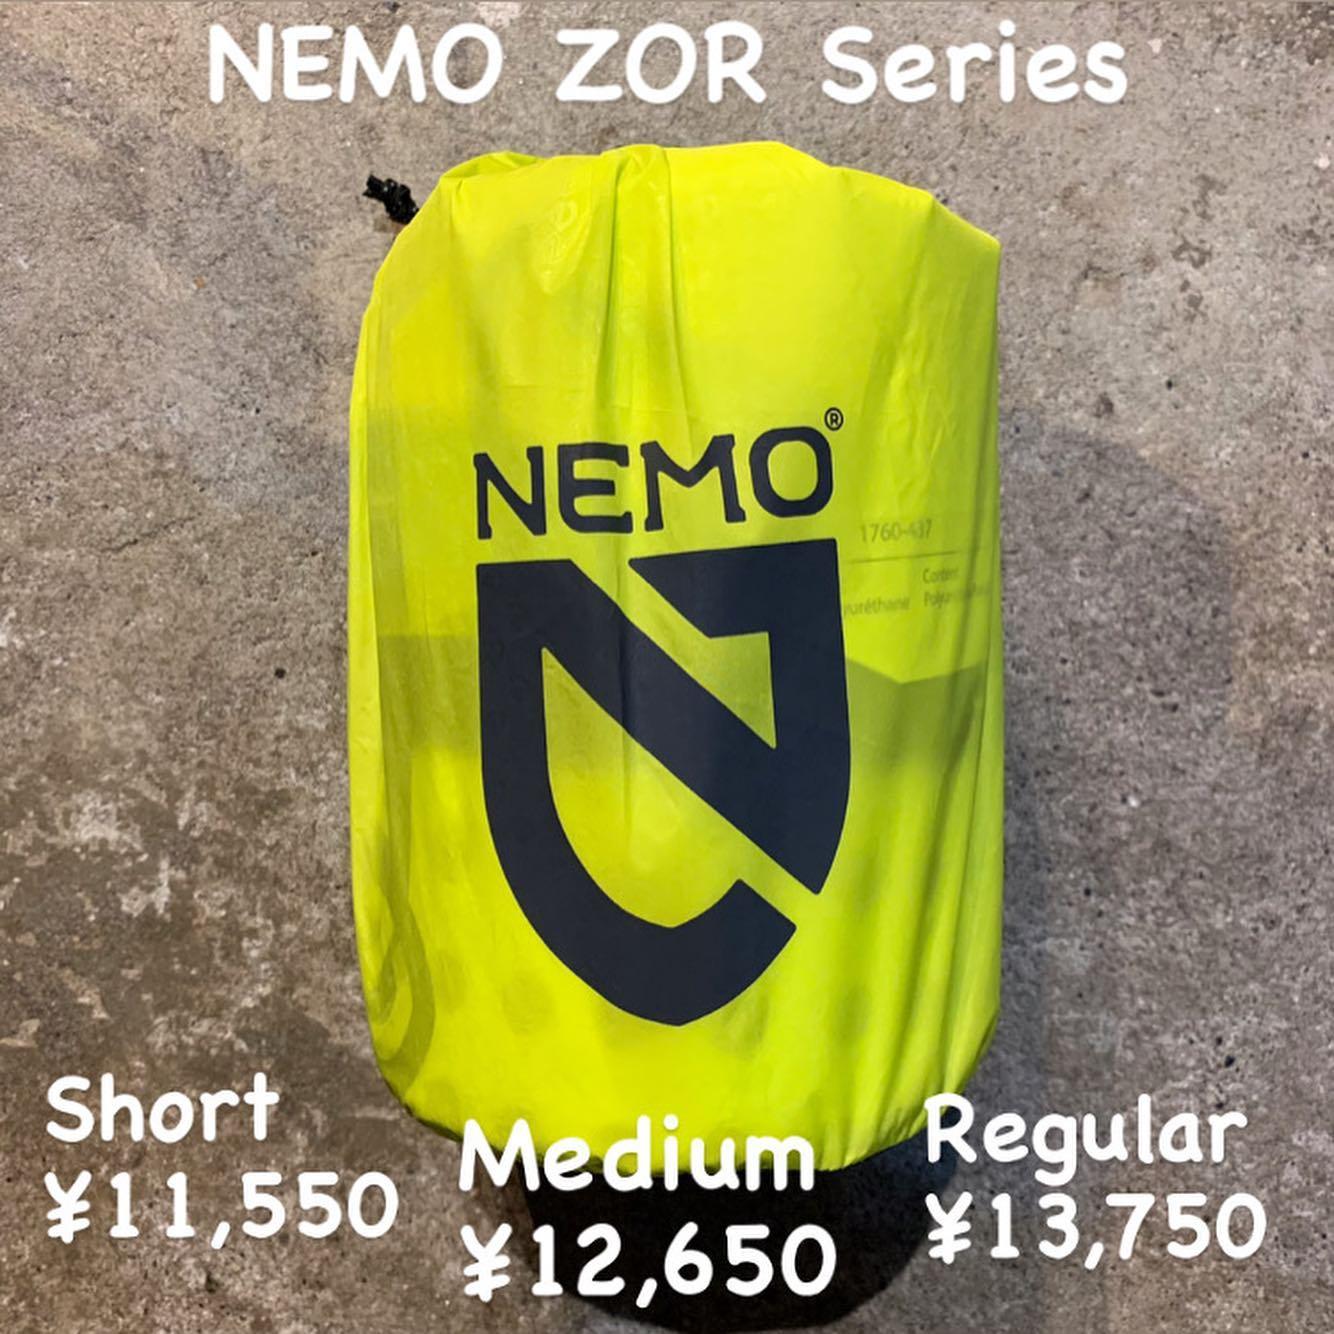 S21モデルより新しくなるNEMOのスリーピングパッド『ZOR』(ゾア )のご紹介